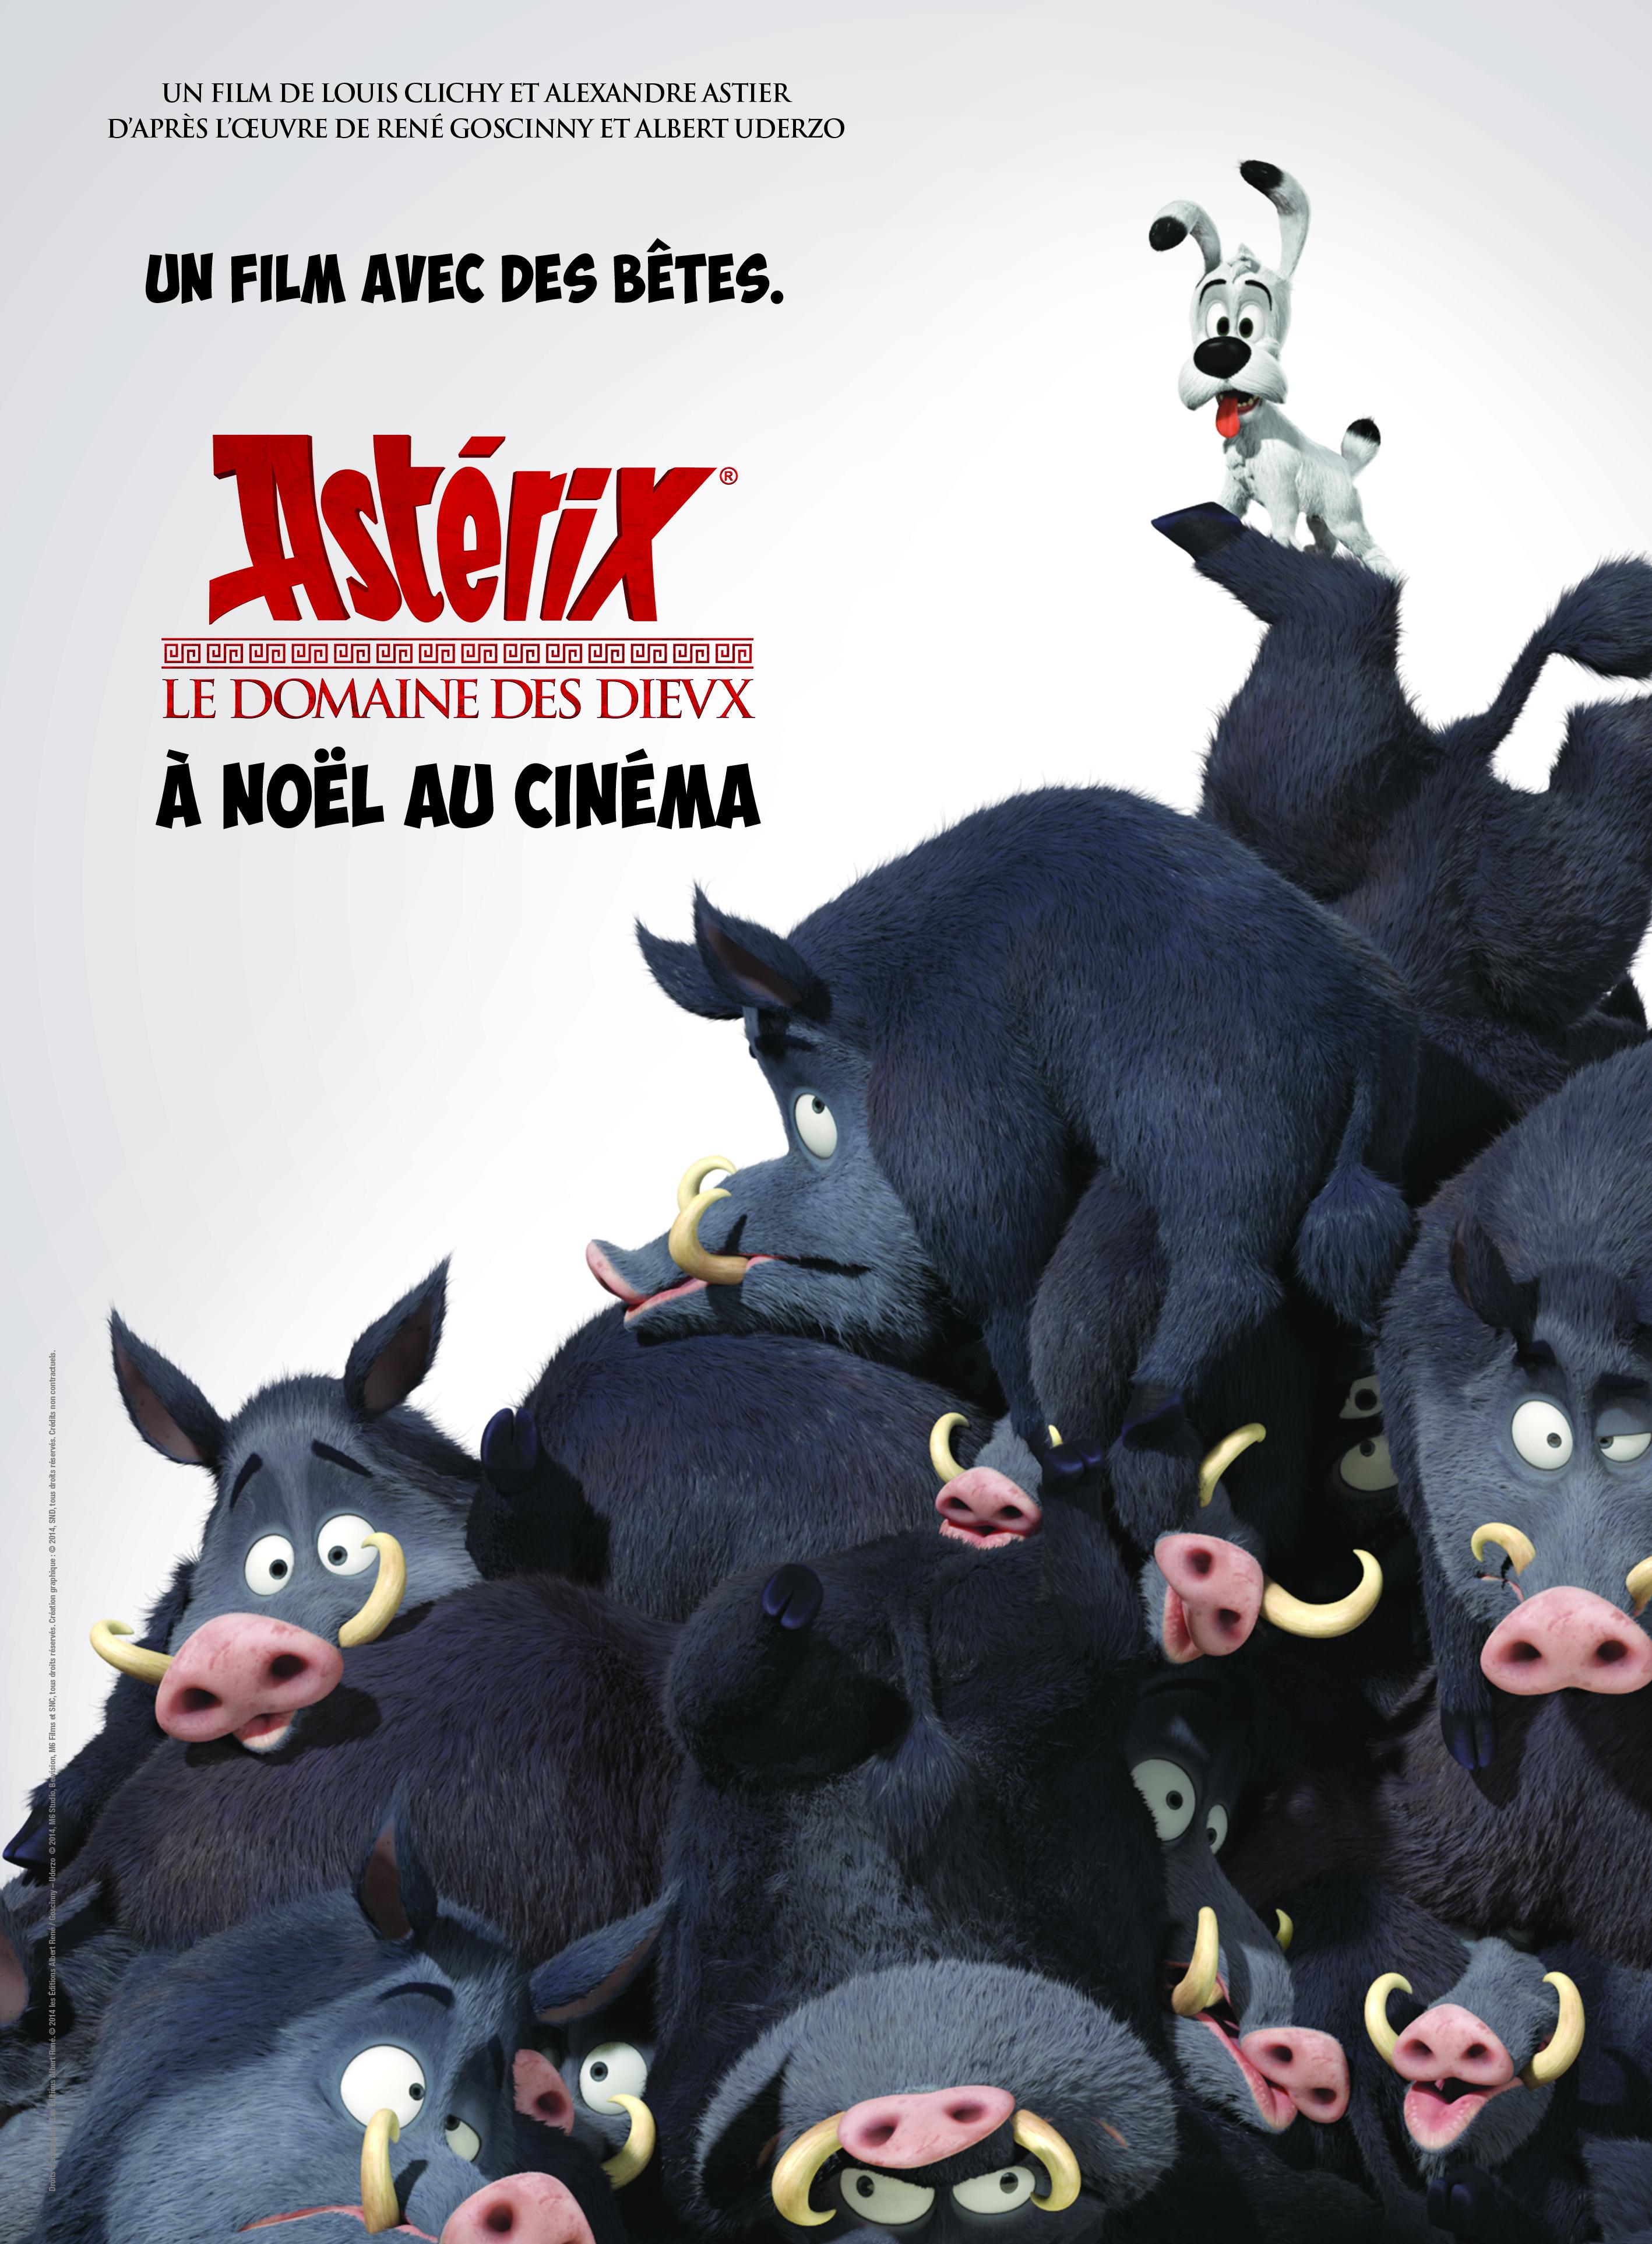 asterix-le-domaine-des-dieux-affiche-3